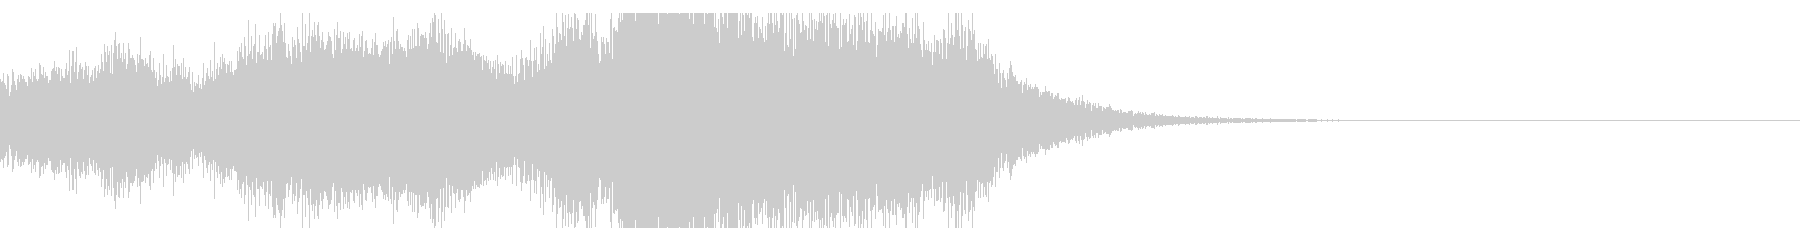 金管_壮大なファンファーレの未再生の波形